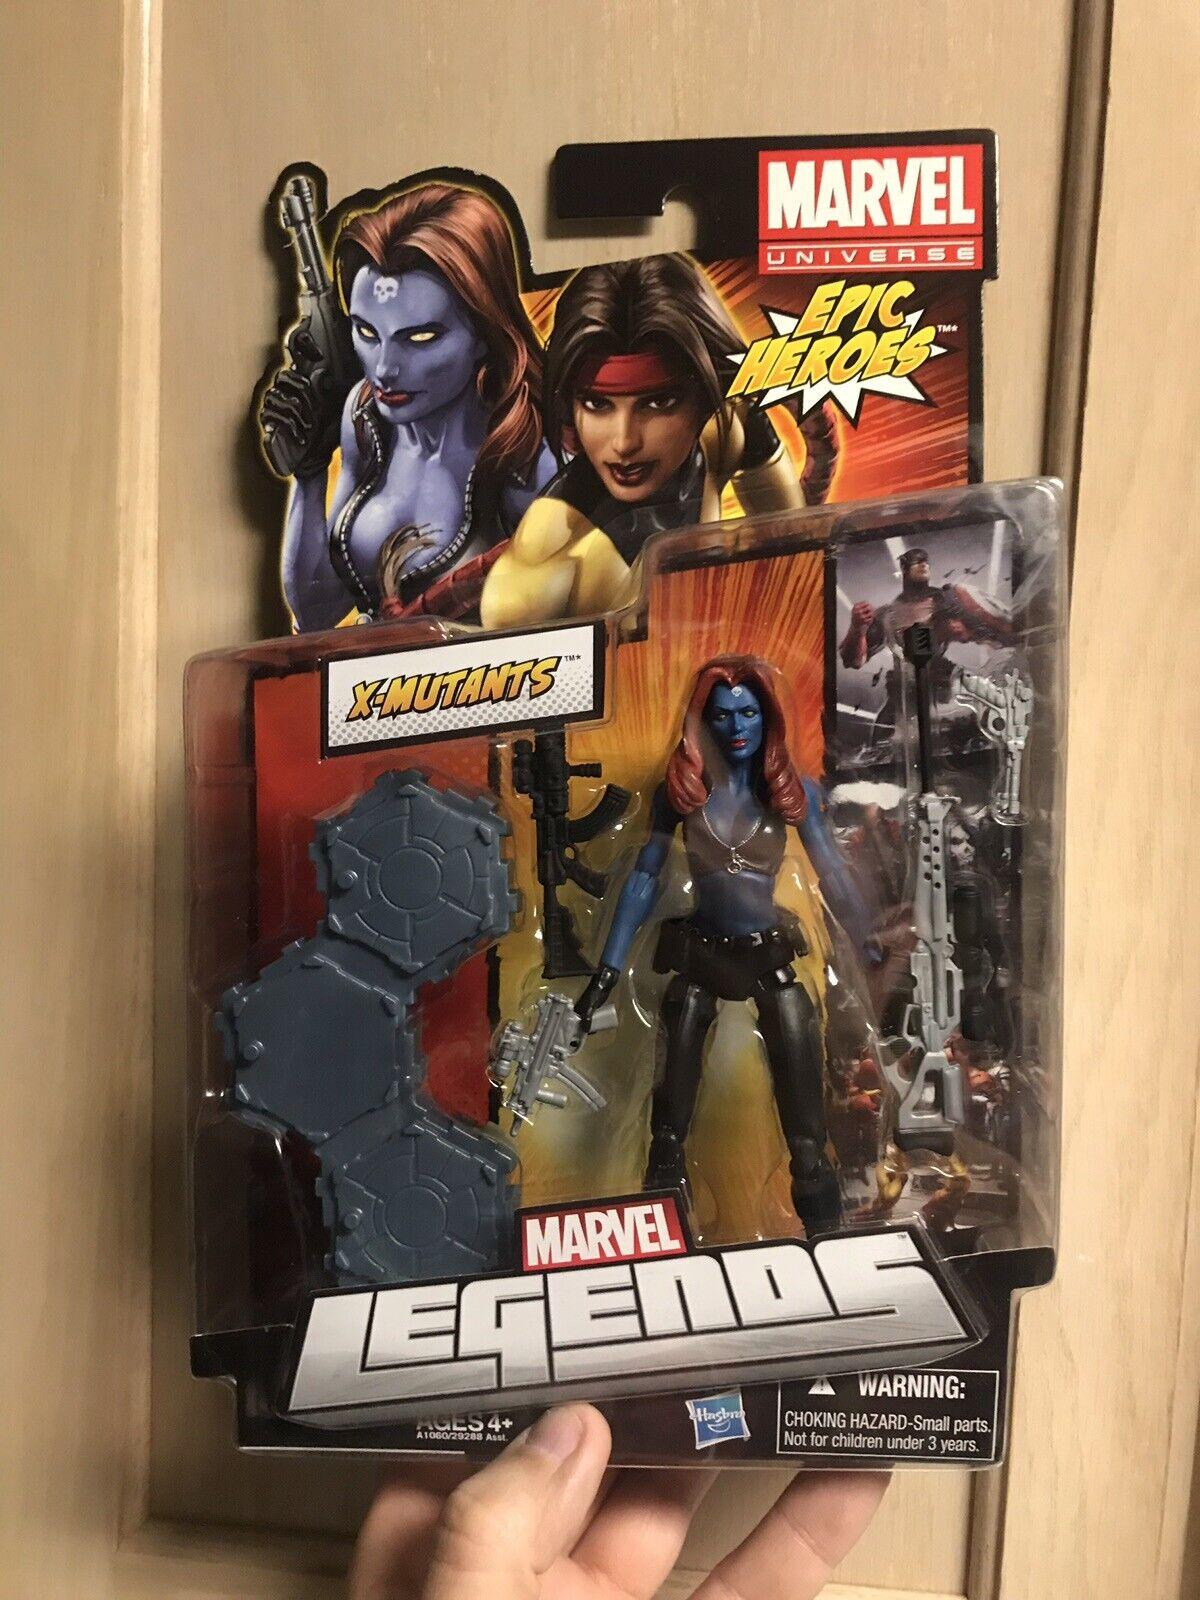 Marvel Legends Mystique Epic  Heroes Series Figure Sexy Moc  achats de mode en ligne